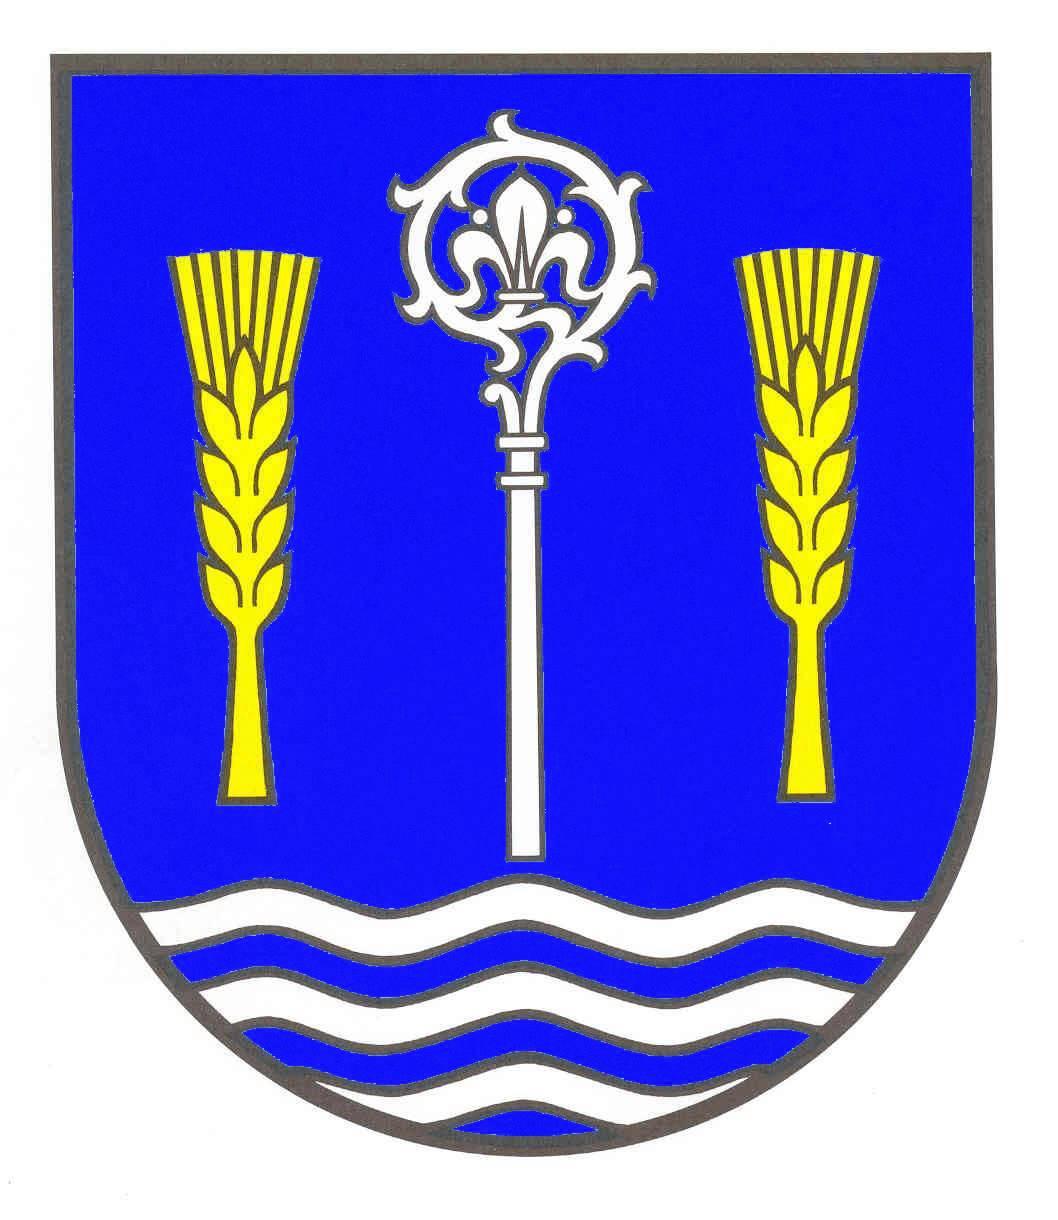 Wappen GemeindeMünsterdorf, Kreis Steinburg